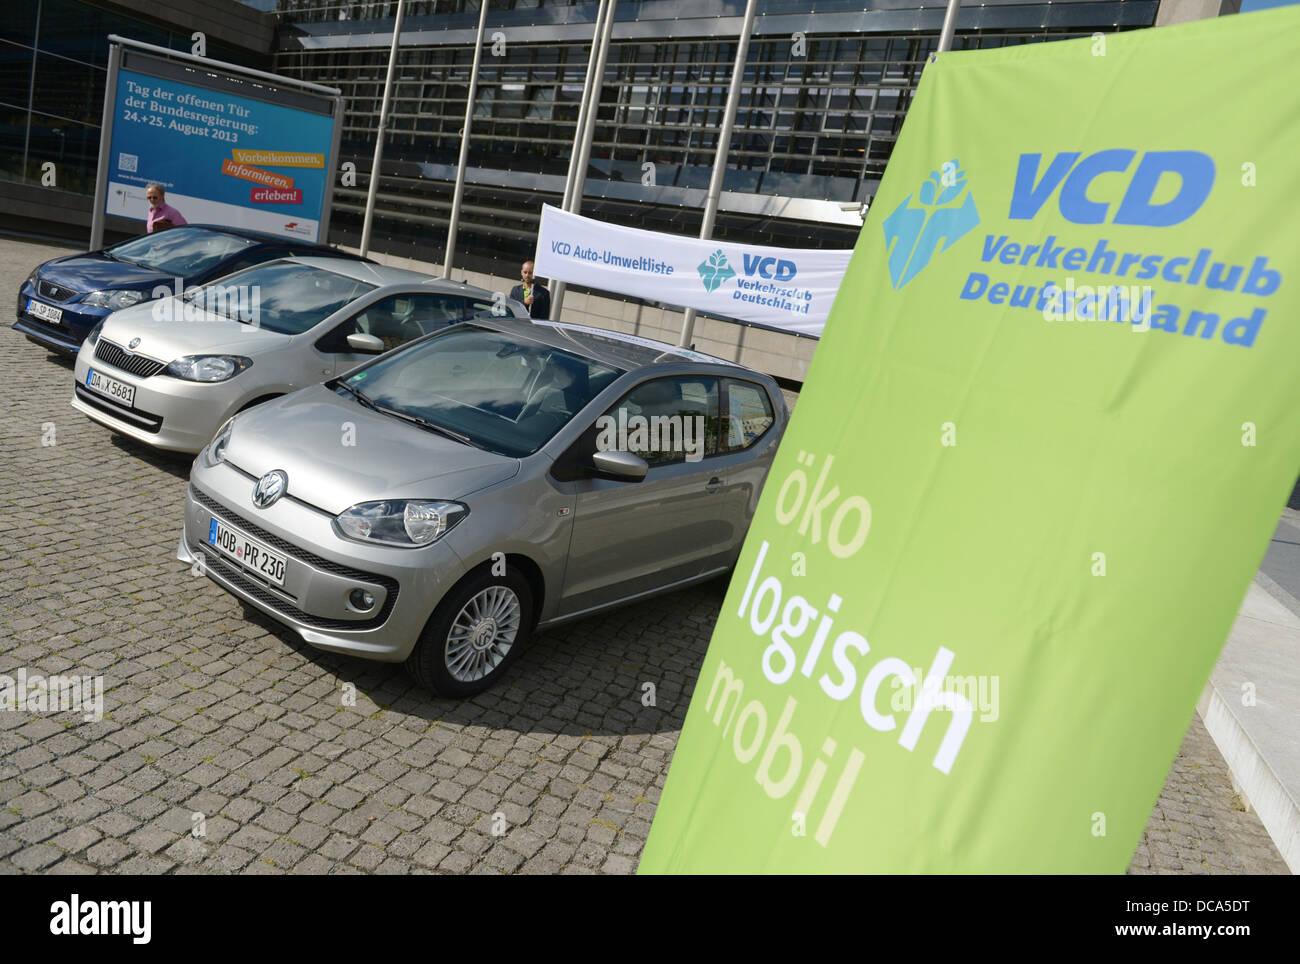 (Guía) un folleto de VW, de fecha 14 de agosto de 2013 muestra tres autos compactos realizados por empresas del Foto de stock